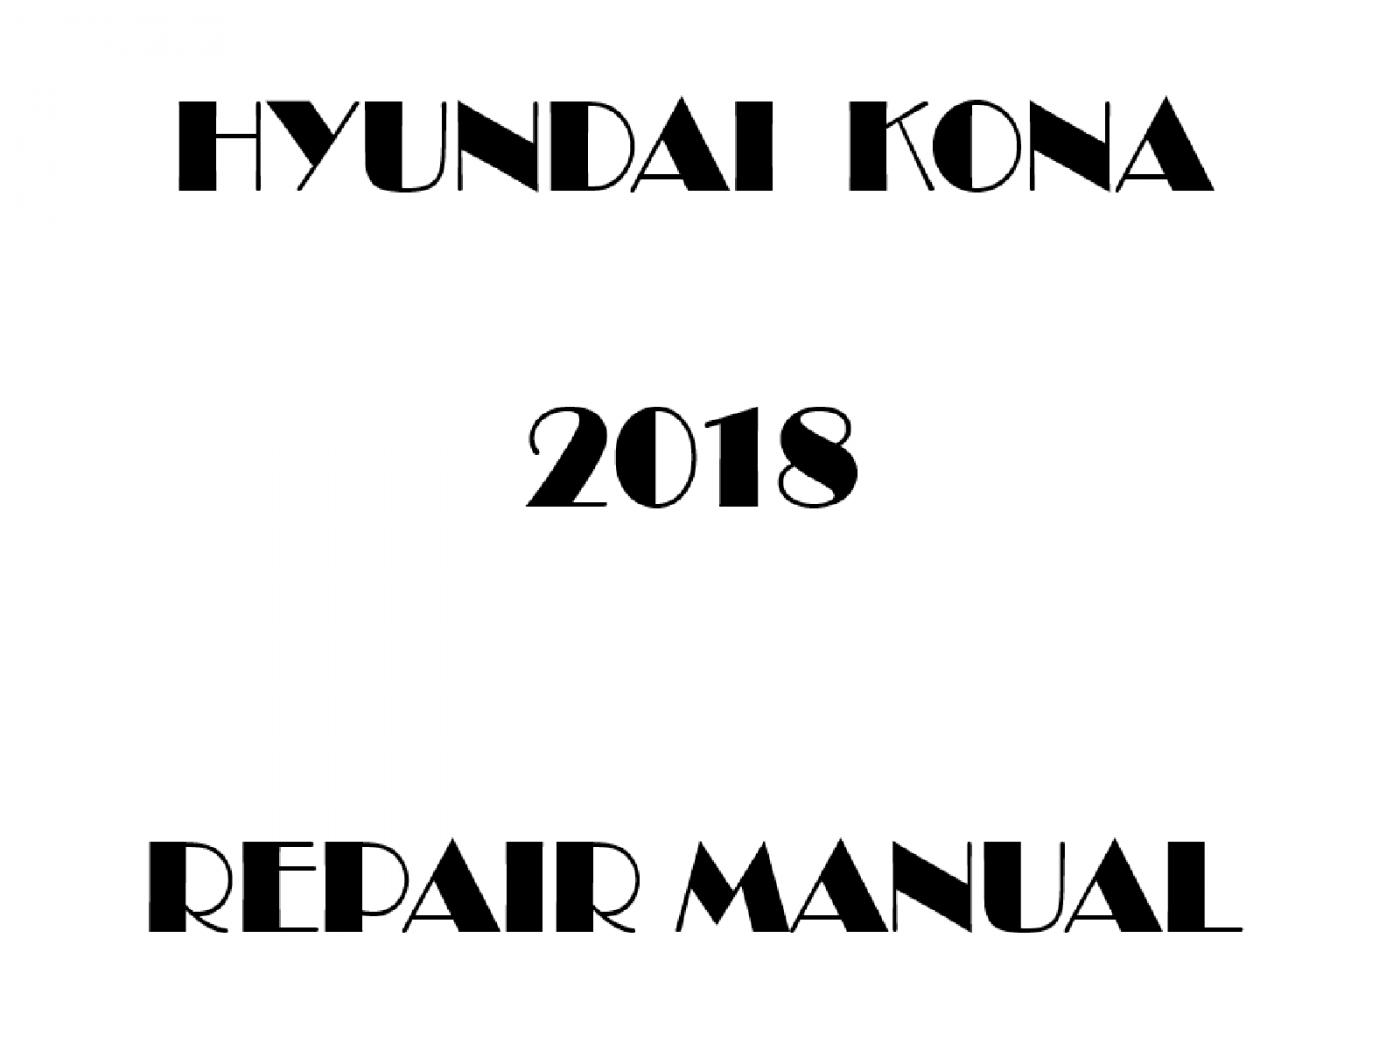 2018 Hyundai KONA repair manual